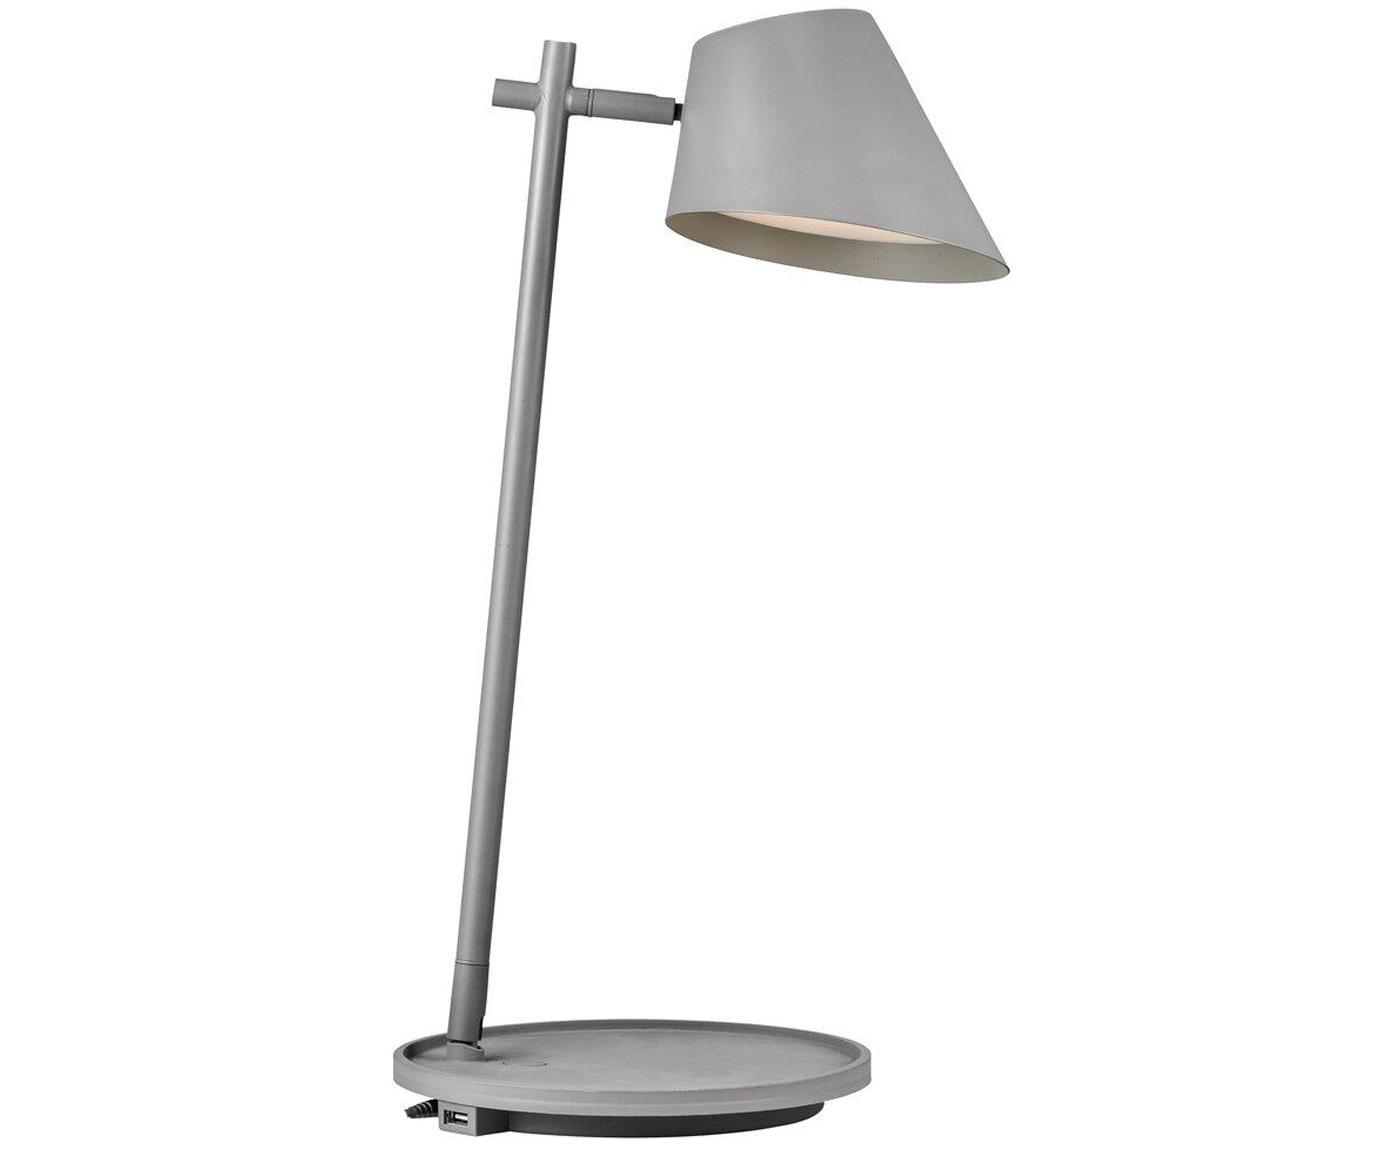 Lampada da tavolo a LED con connessione USB Stay, Alluminio, materiale sintetico (PVC), Grigio, Ø 15 x Alt. 47 cm